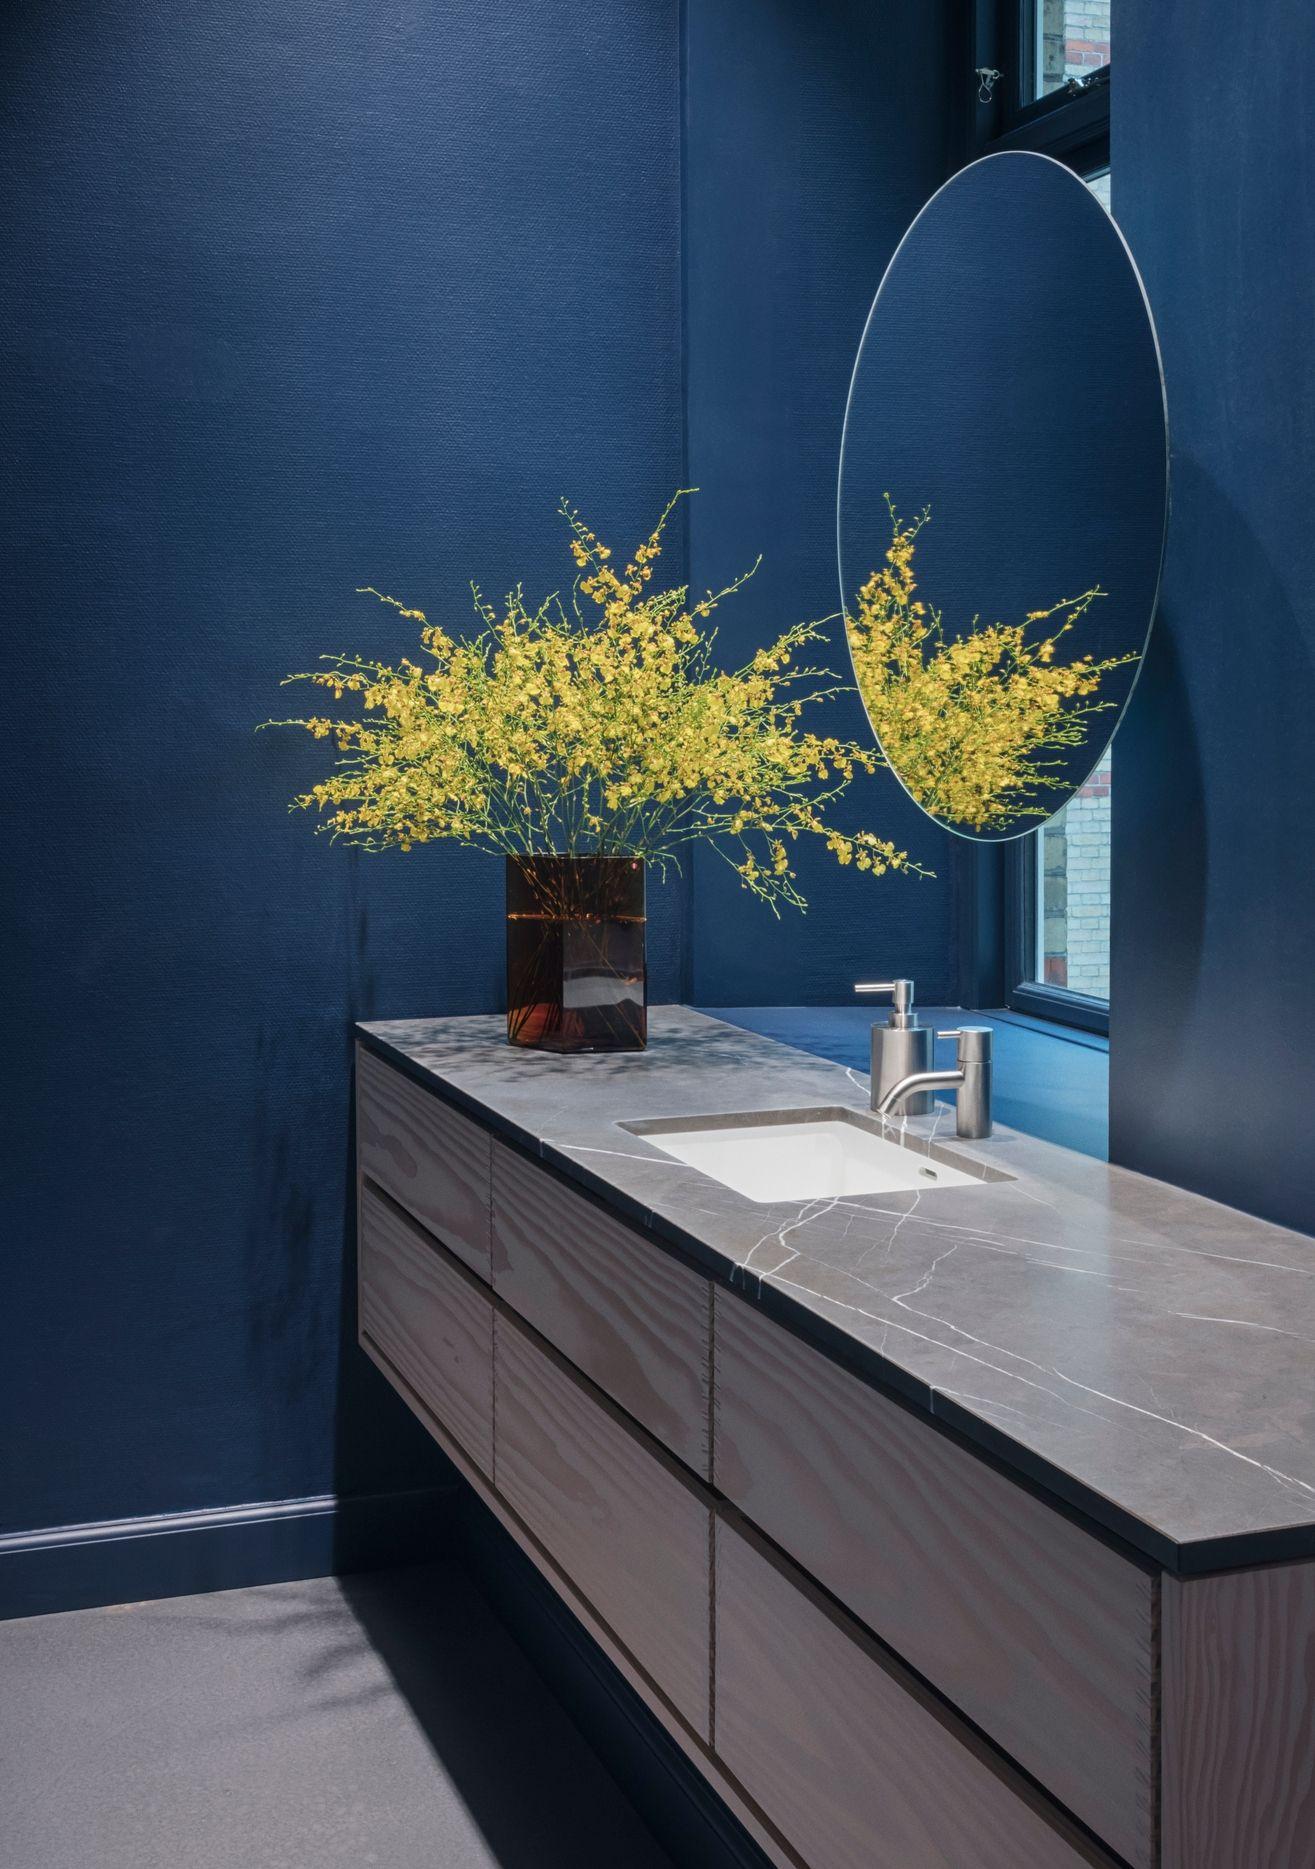 Bespoke Model Minimal Bathroom Vanity In 2020 Bathroom Model Round Mirror Bathroom Minimal Bathroom